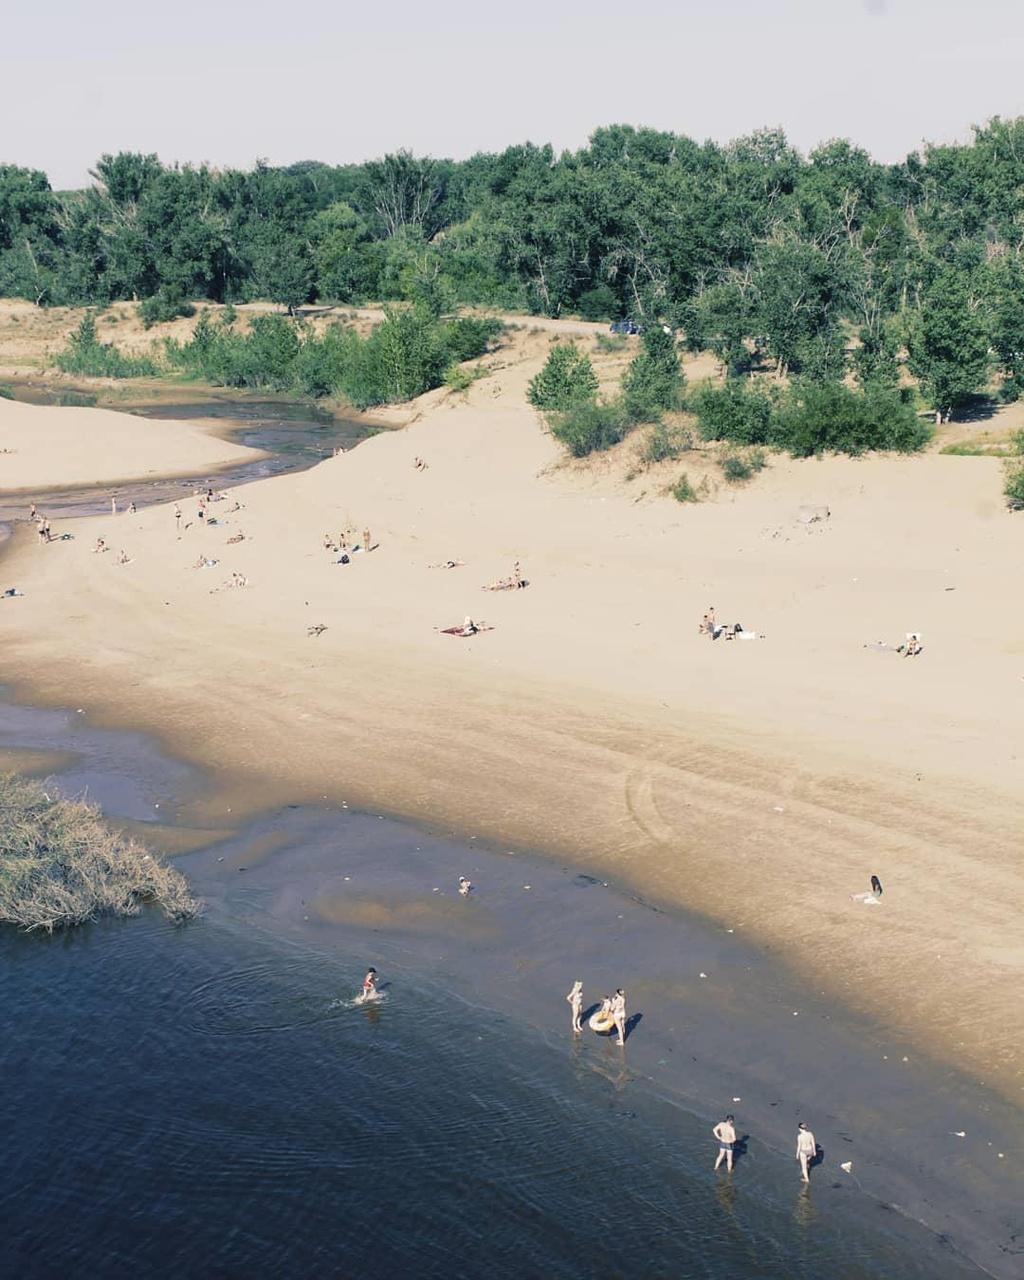 Cảnh làng quê Nga đẹp như tranh vẽ bên dòng Volga - Baltic - Ảnh 3